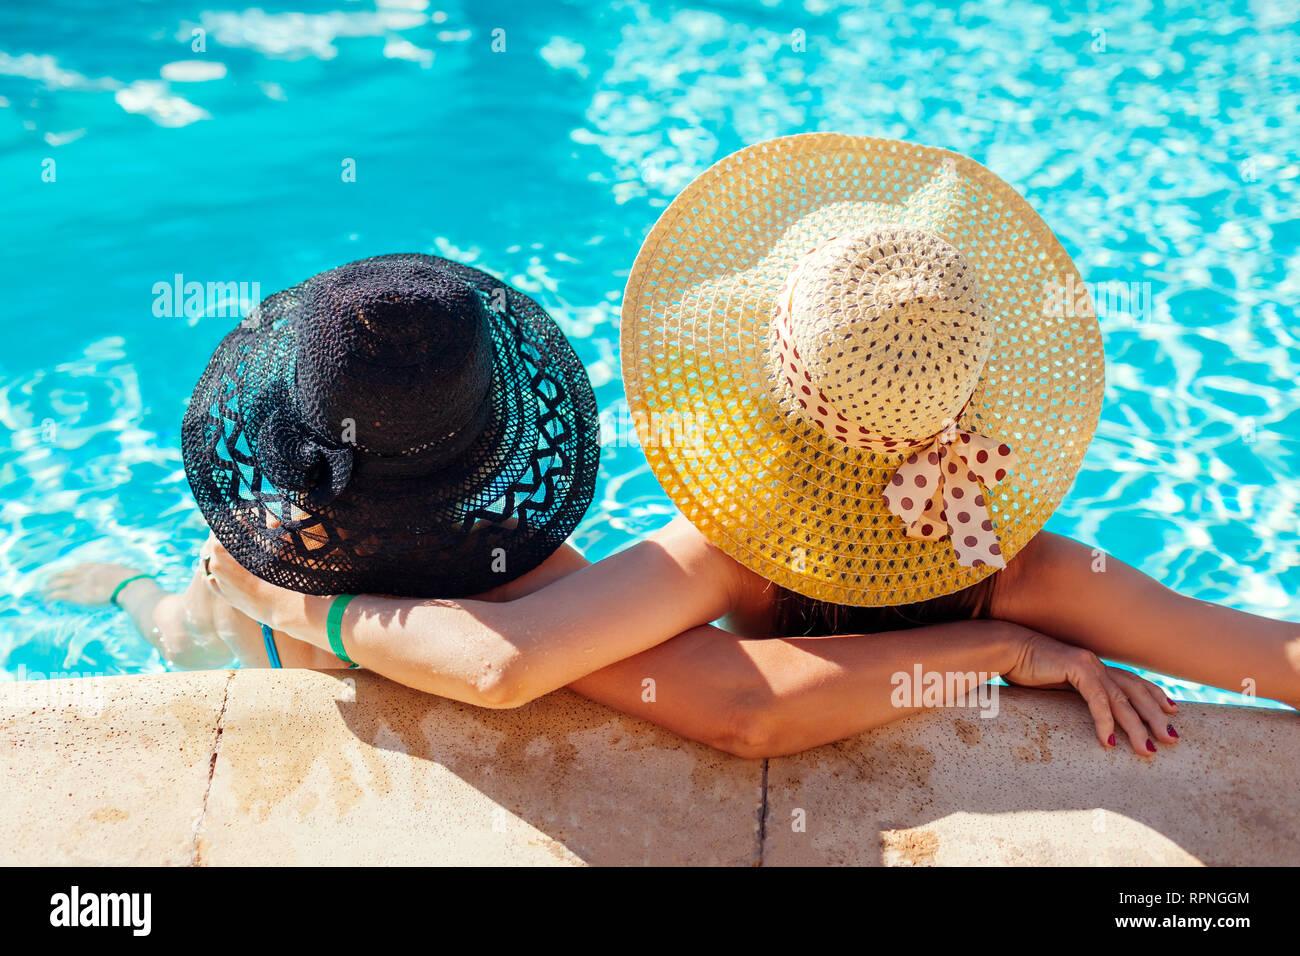 Su madre y su hija adulta de relax en la piscina del hotel. Gente disfrutando de las vacaciones de verano. Día de la madre Foto de stock